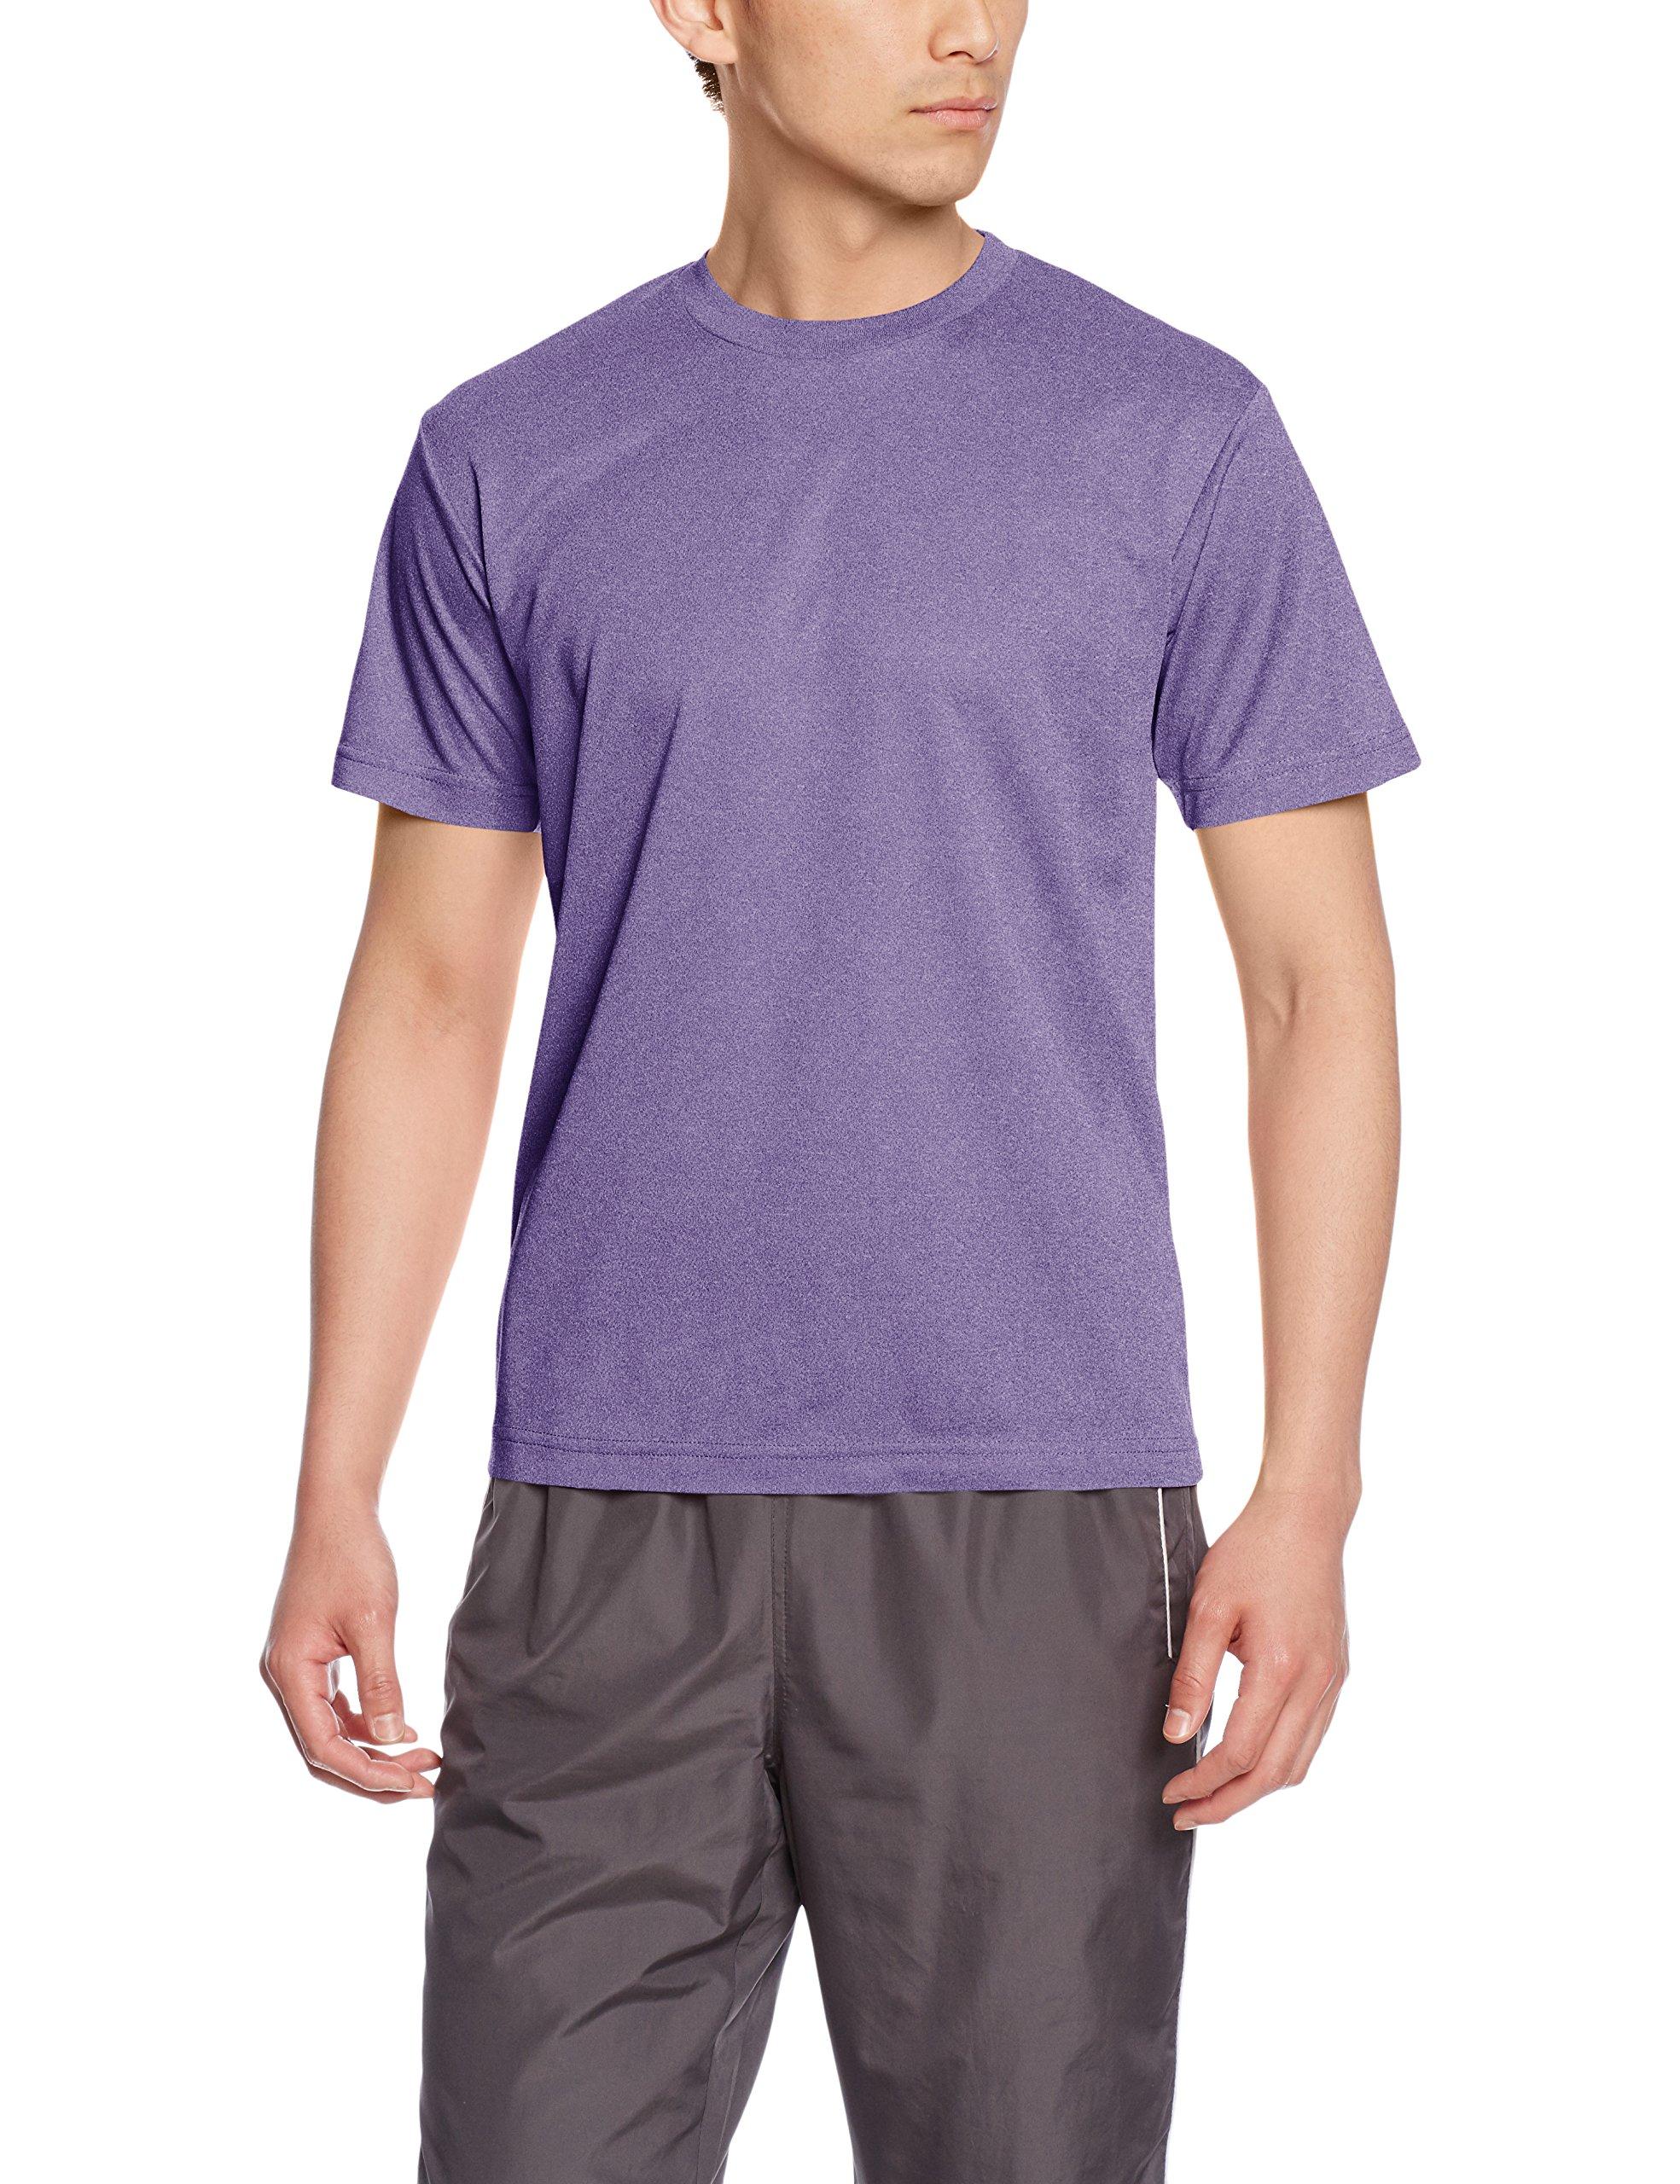 [グリマー] 半袖 4.4oz ドライTシャツ(クルーネック) 00300-ACT